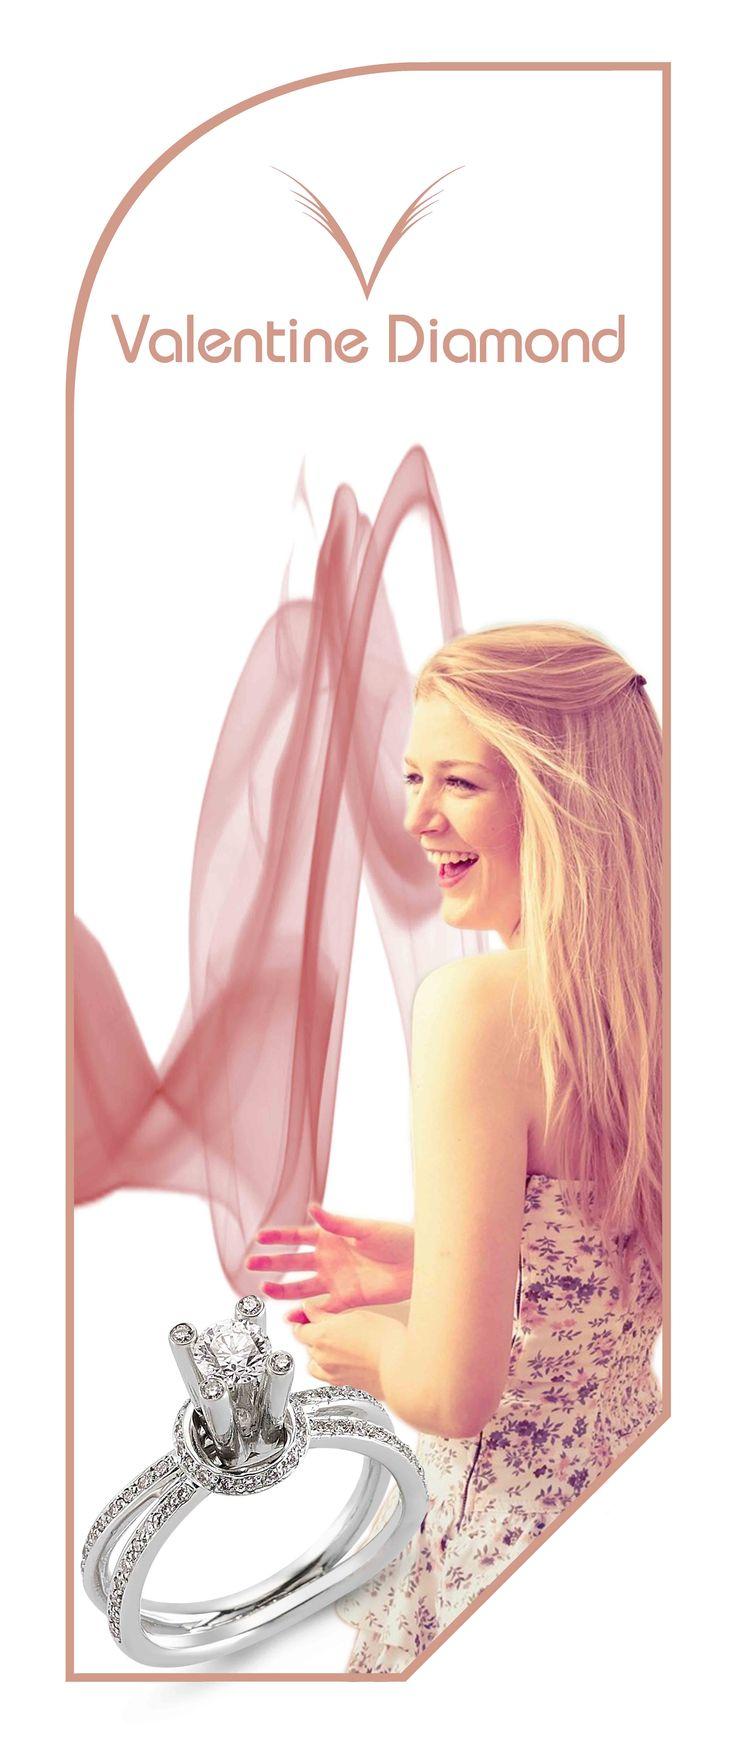 Kadının güzelliğine ışık tutuyoruz. .#love #happy #ring #yuzuk #diamond #pirlanta #marry #wedding #fiance #weddingring #jewelry #kolye #necklace #bracelet # #istanbul #amazing #girl #women #style #design #engagement #white #luxury